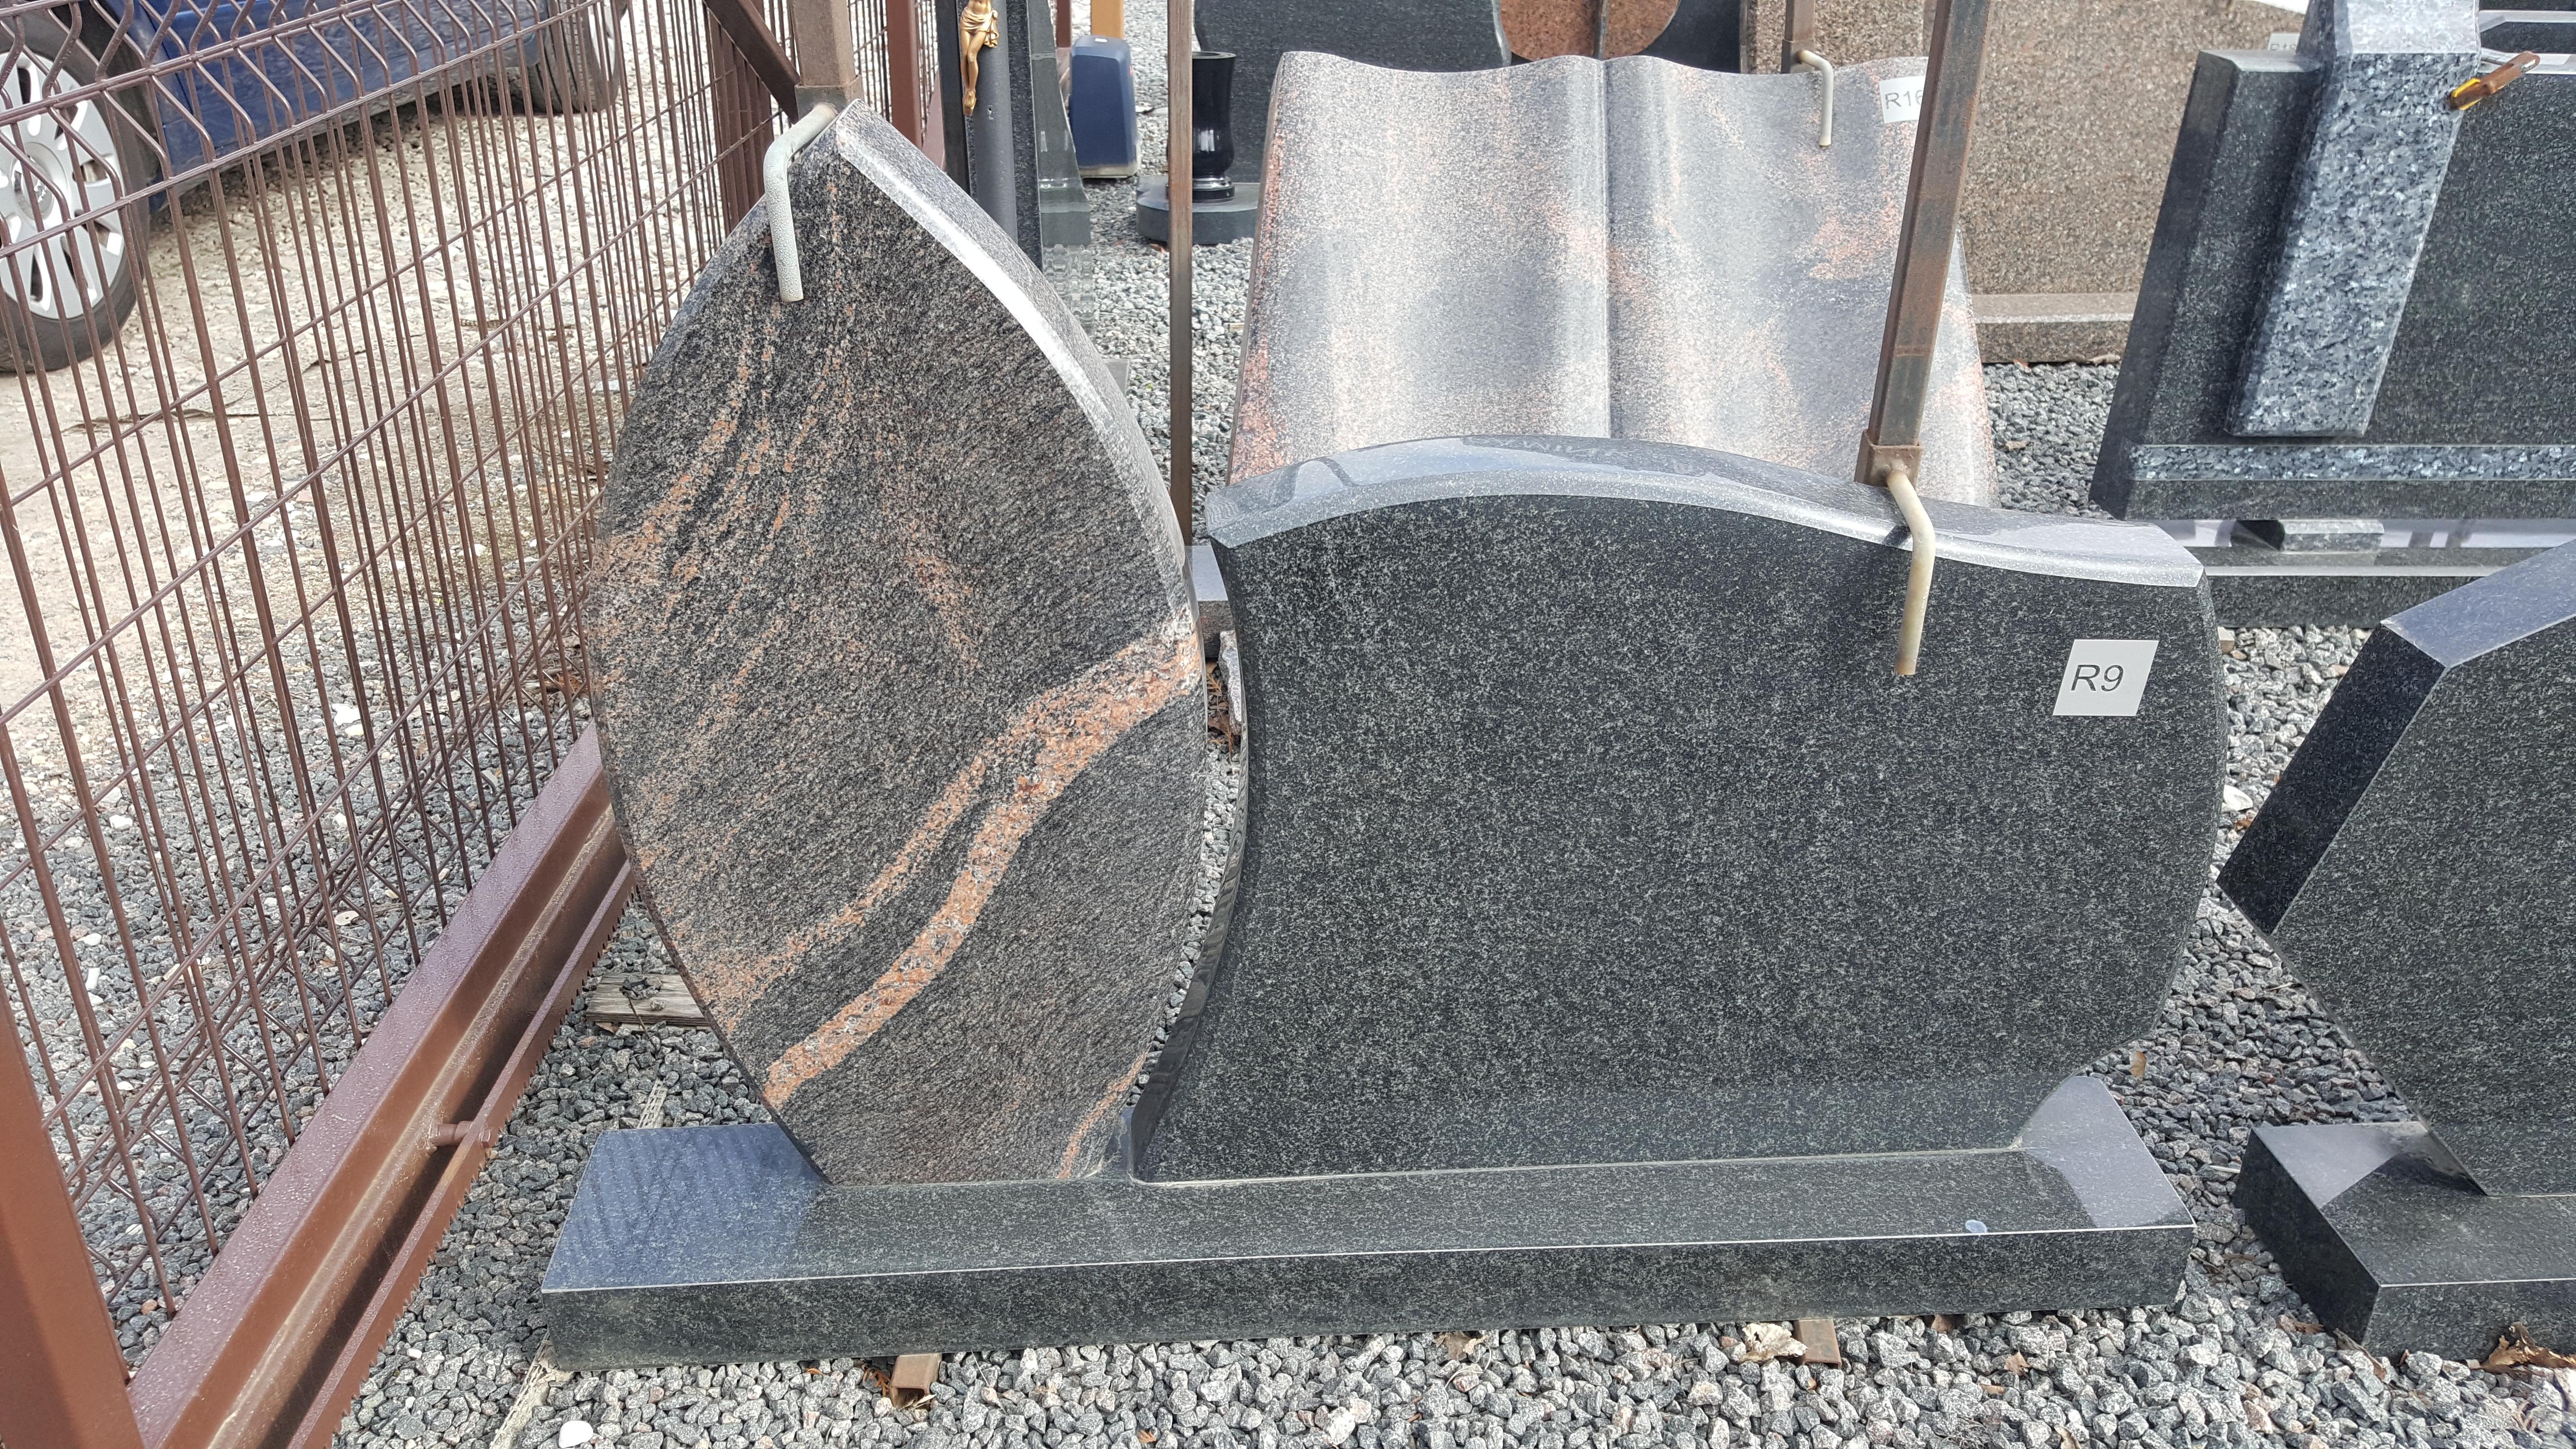 dviejų dalių rausvo ir juodo granito paminklas